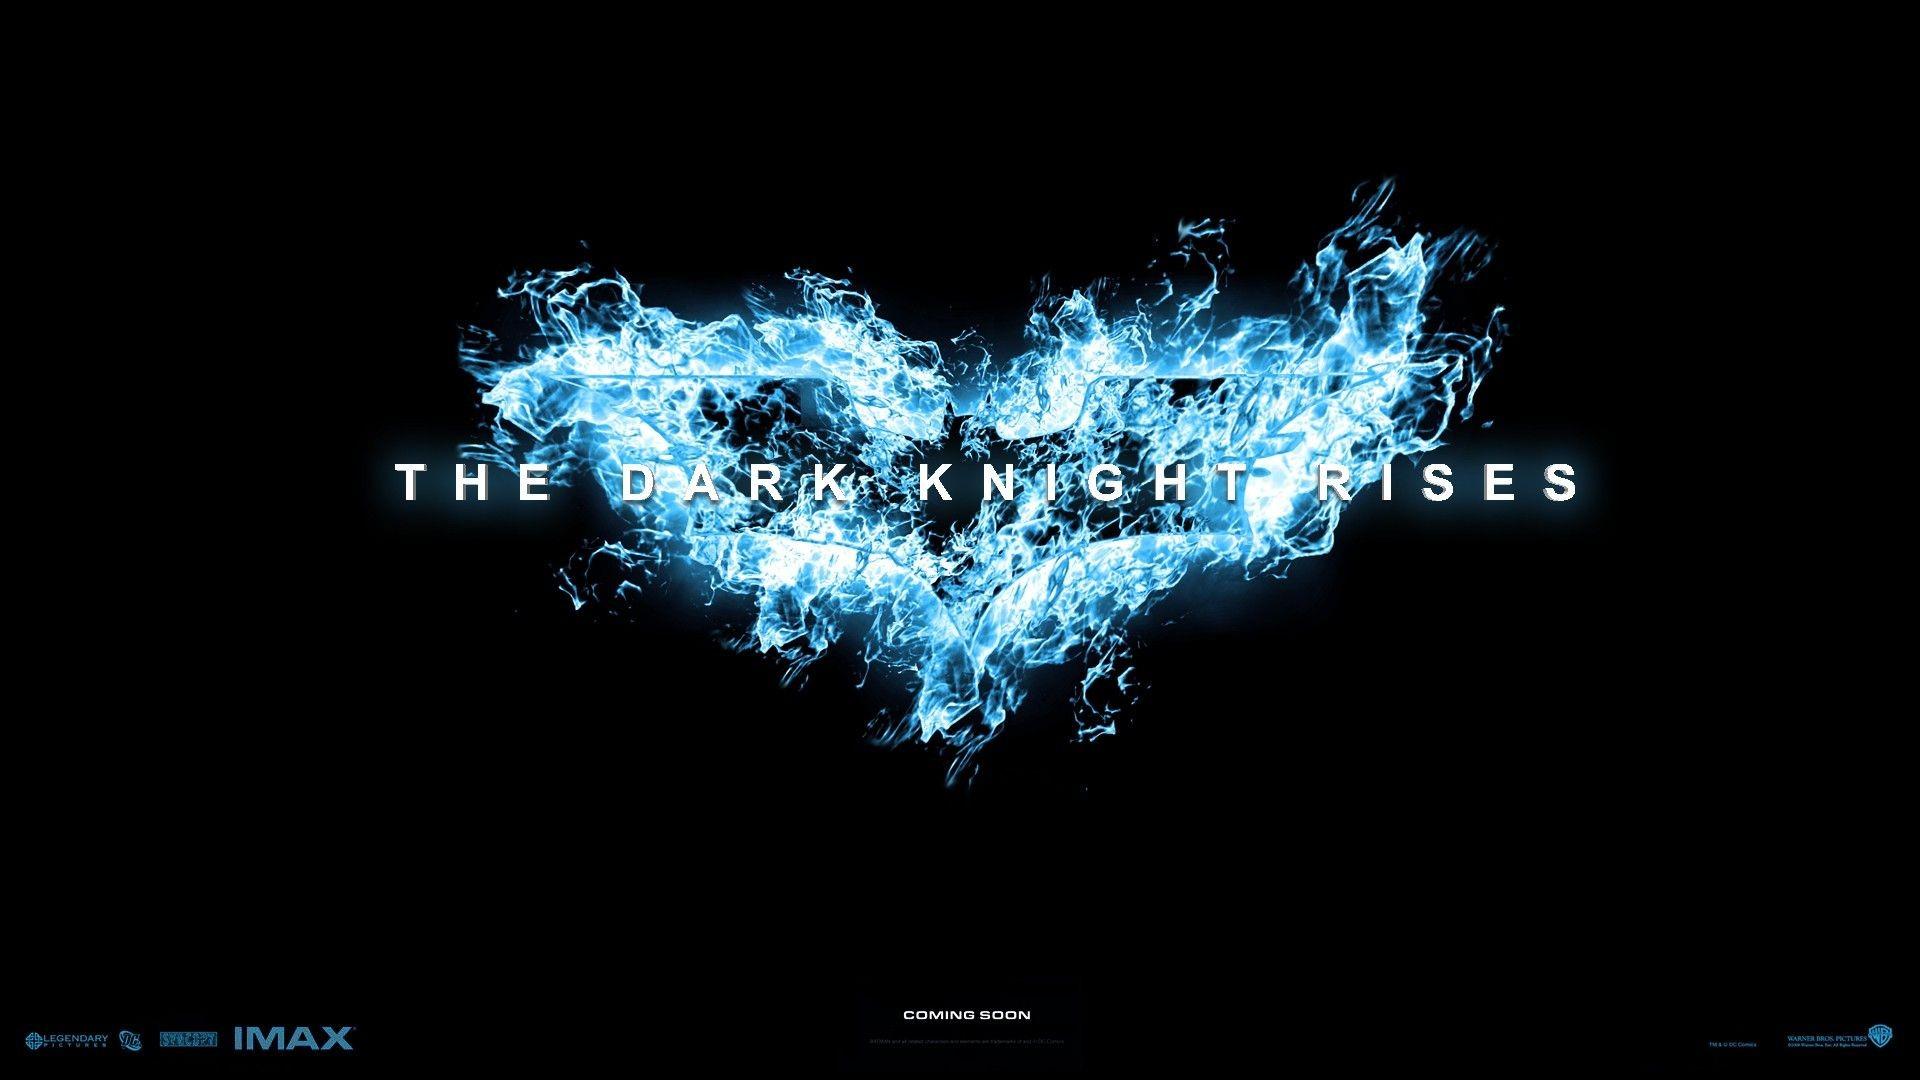 General 1920x1080 Batman The Dark Knight Rises movies